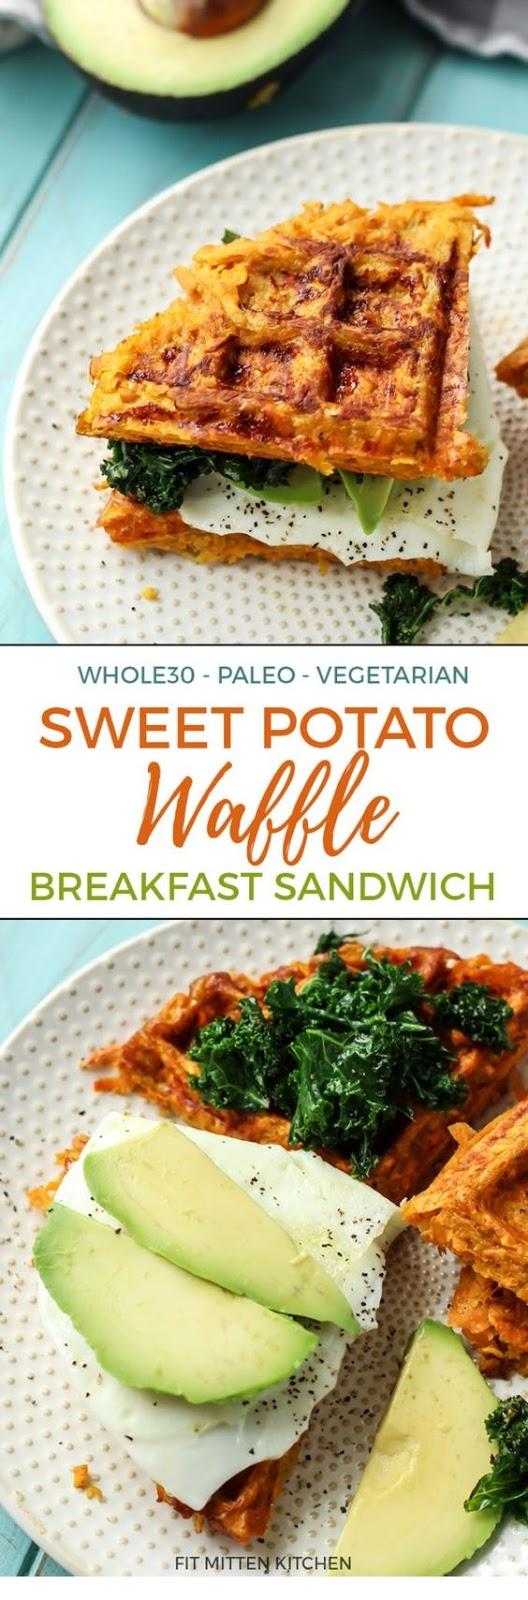 Paleo Sweet Potato Waffle Breakfast Sandwich